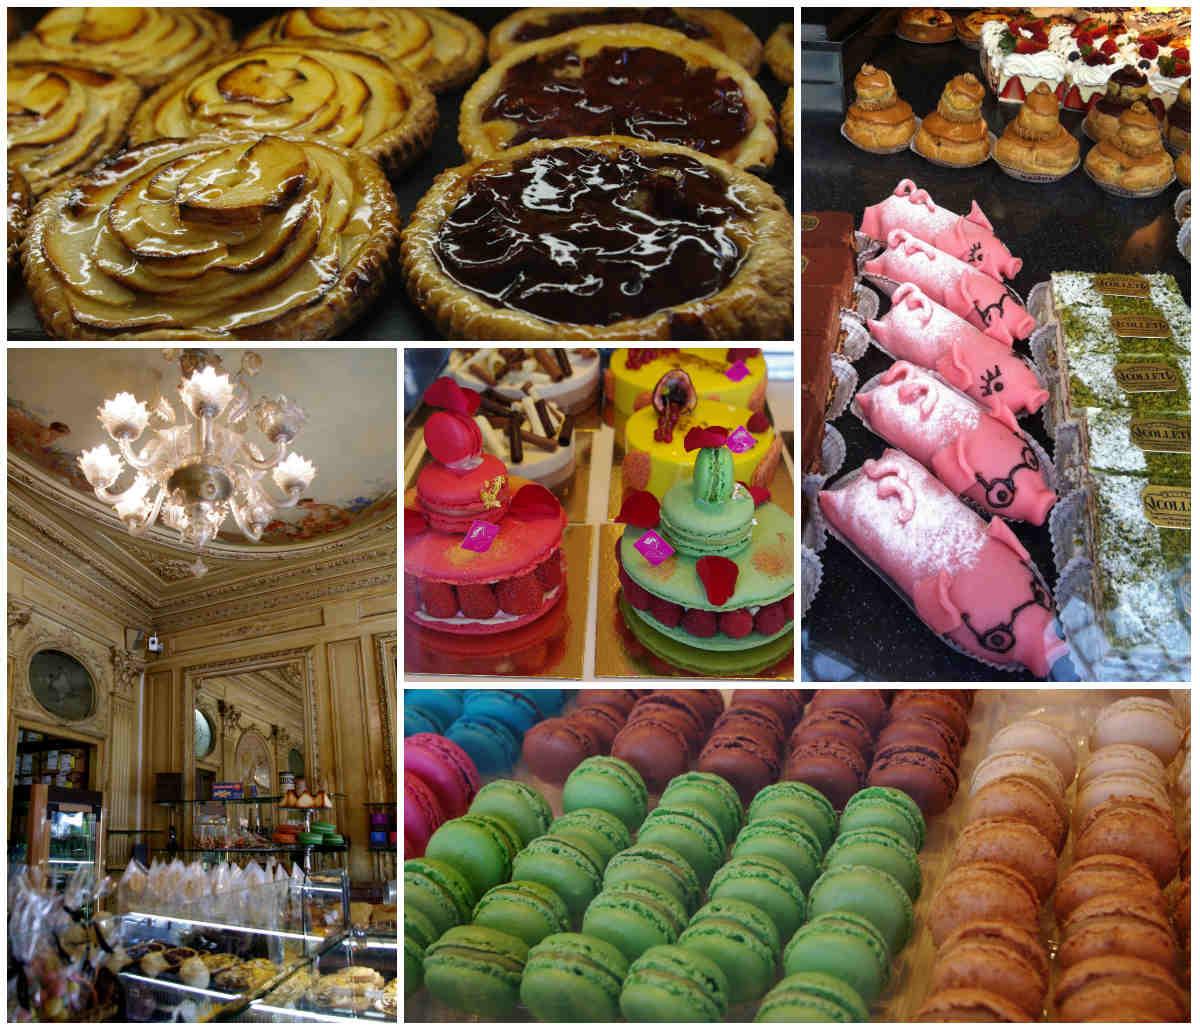 パリ散歩その7 パリはケーキもパンもおいしい♪_e0114020_23592668.jpg